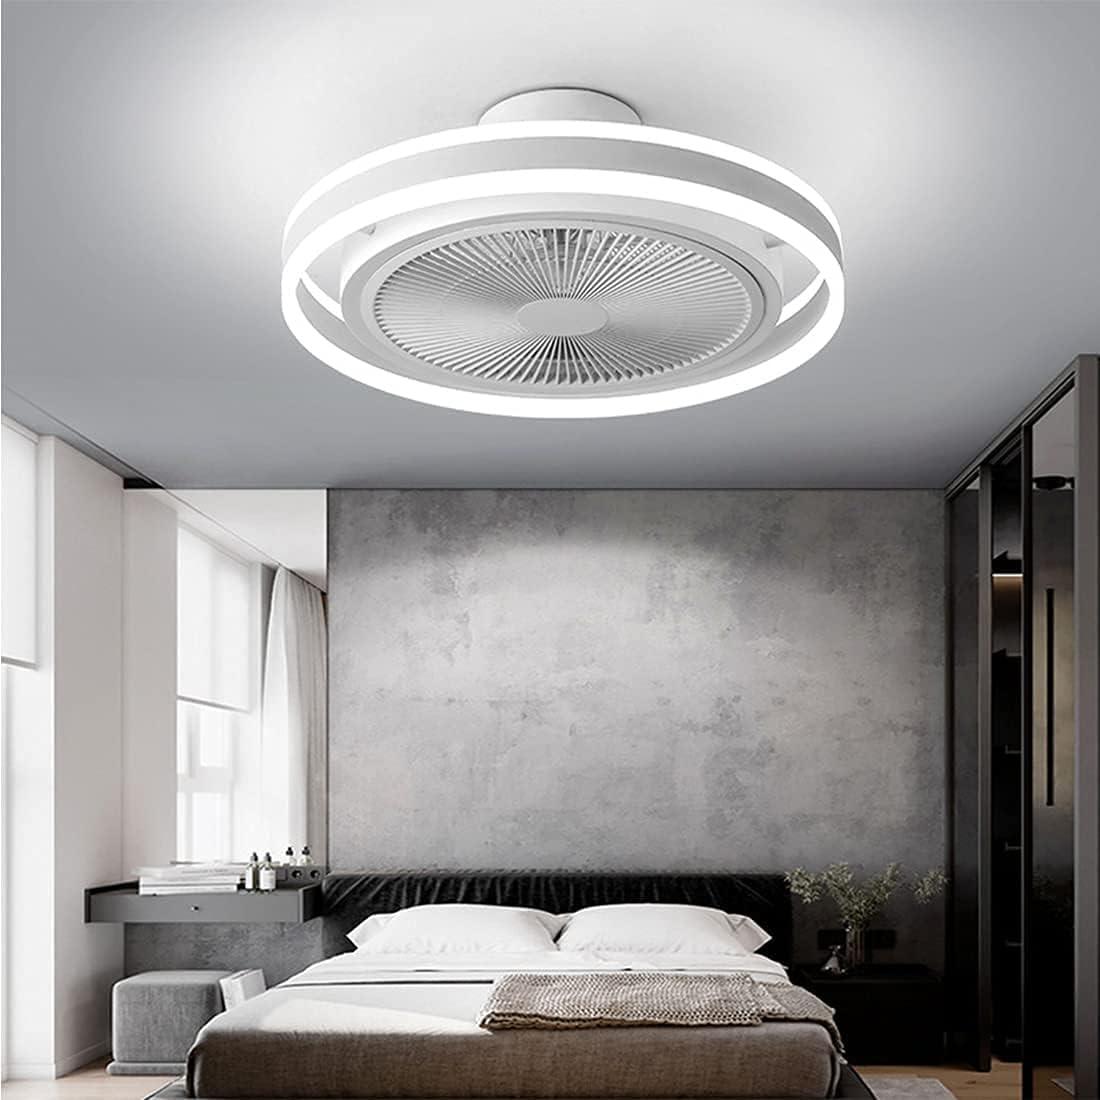 Lámpara de techo con ventilador, LED, moderna, regulable, con mando a distancia, color blanco y negro, luz de ventilador para dormitorio, habitación de los niños, salón, estudio, restaurante (blanco)